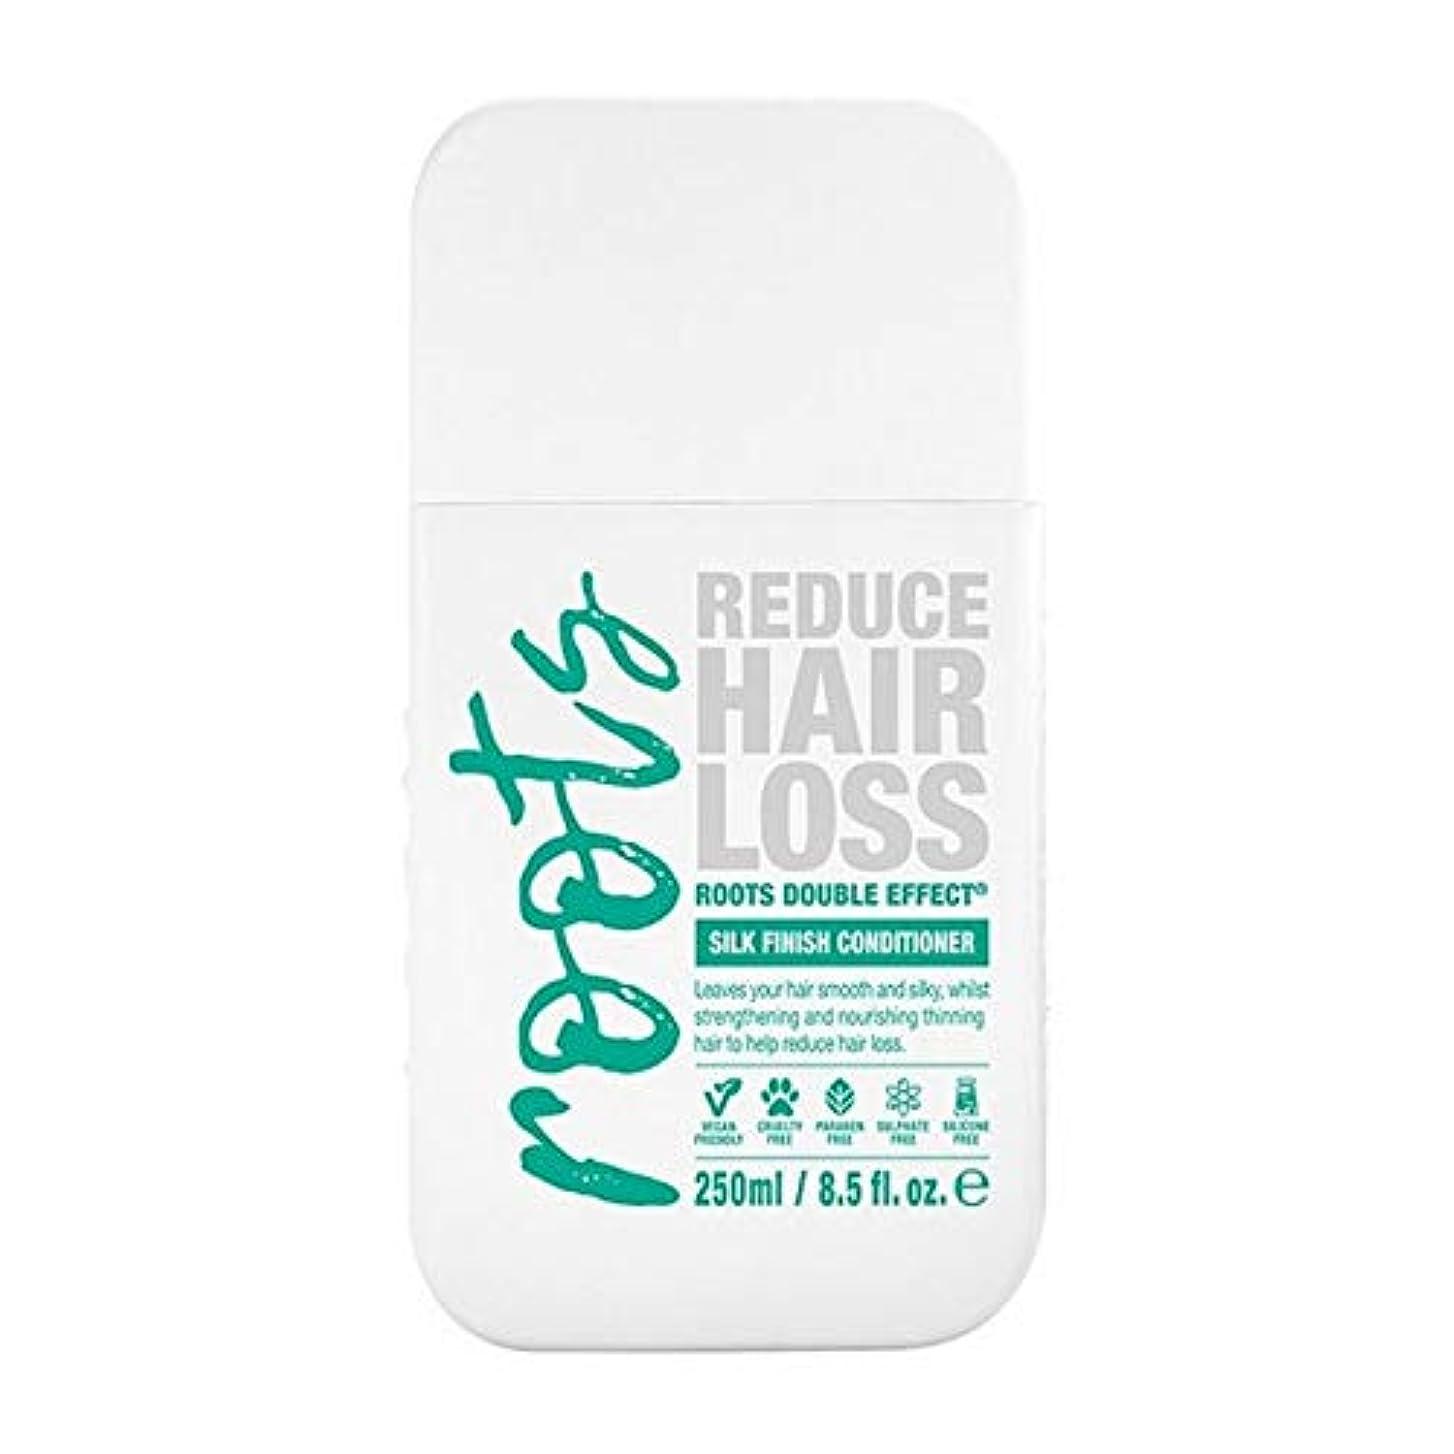 汚れた細いプレミアム[Roots ] 根のダブル効果育毛シャンプー250Ml - Roots Double Effect Hair Growth Conditioner 250ml [並行輸入品]